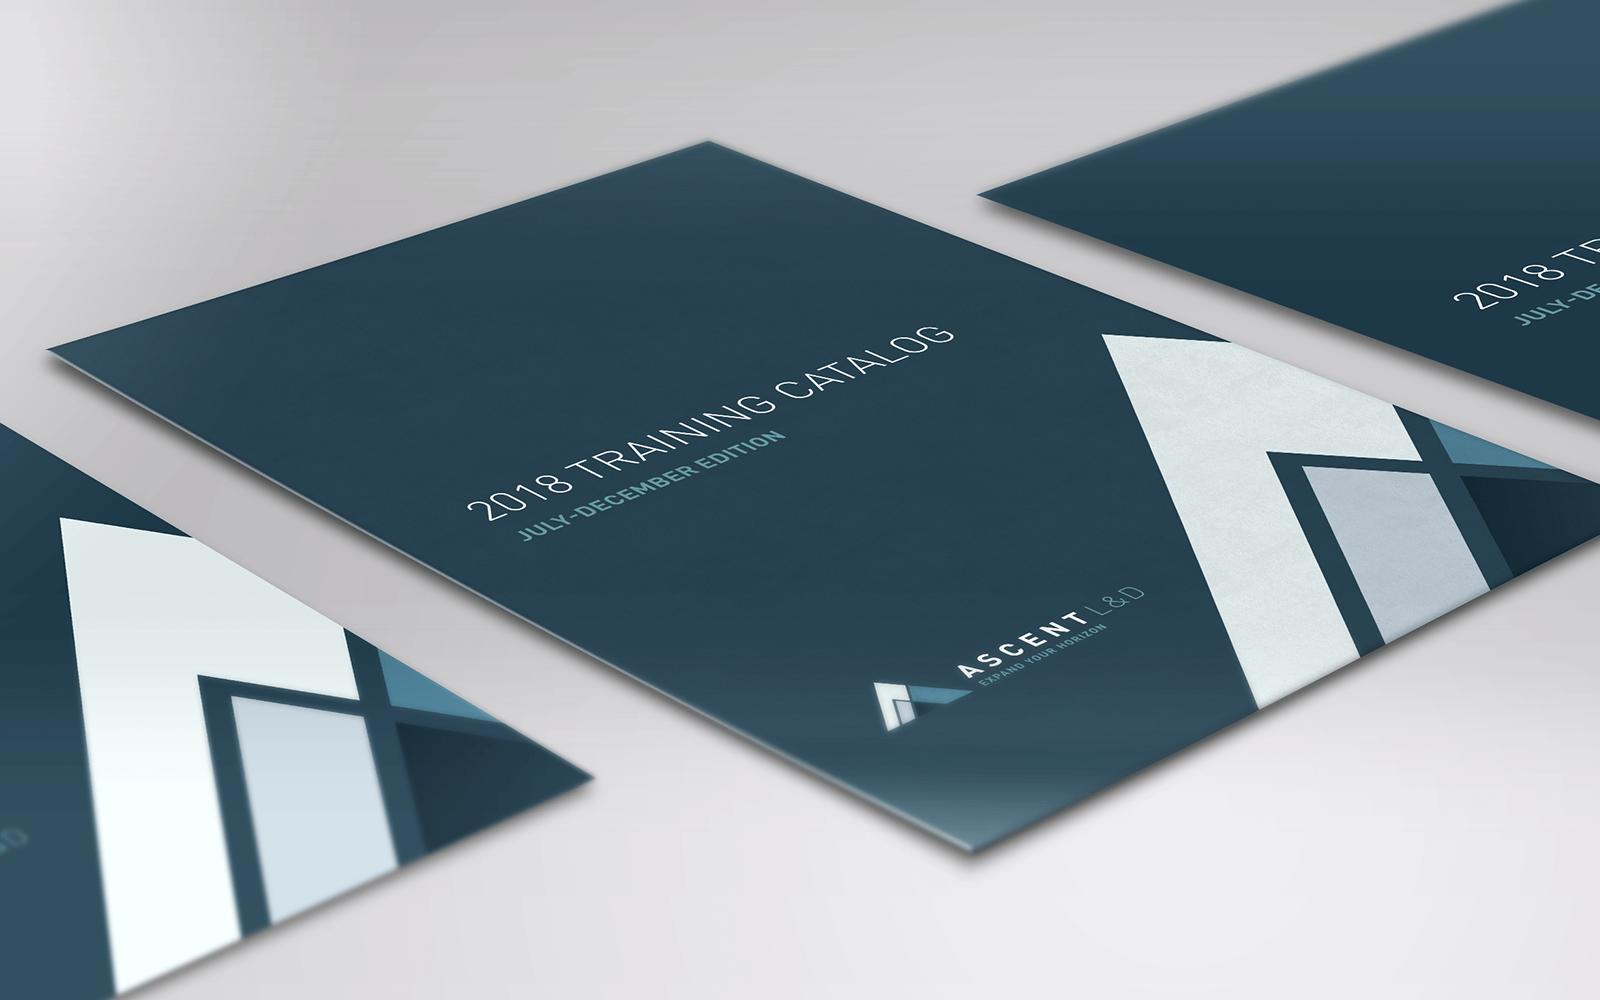 Training catalog cover design